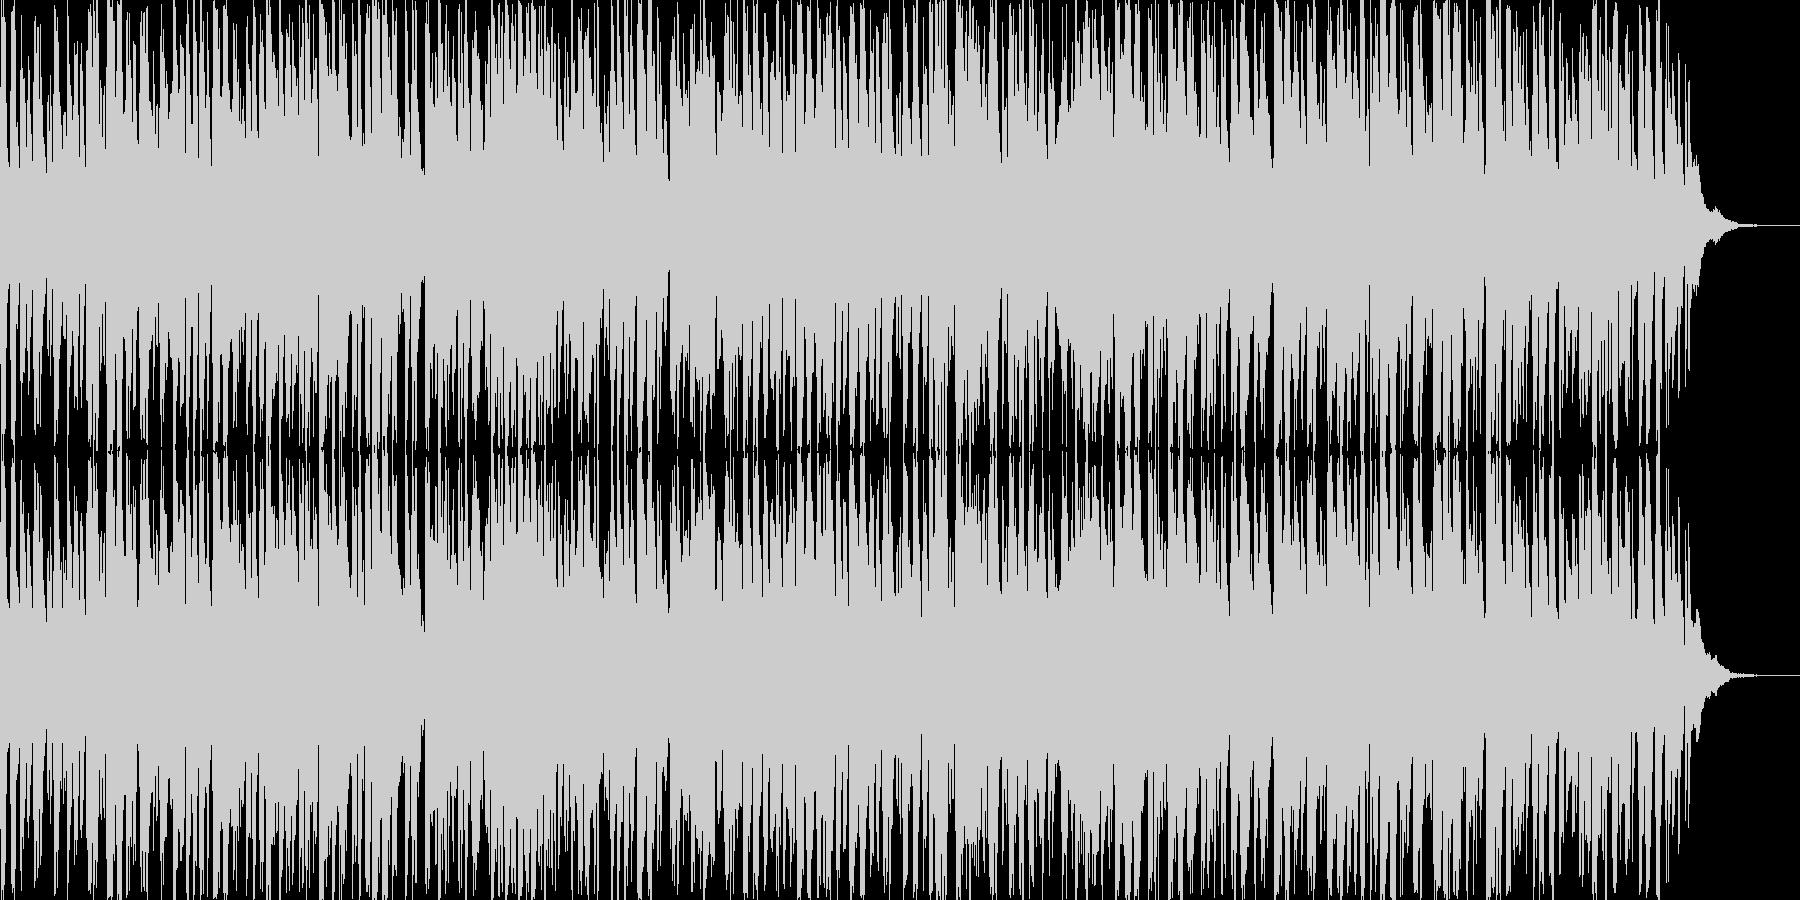 ダークなムード、ファンタジー系サウンドの未再生の波形